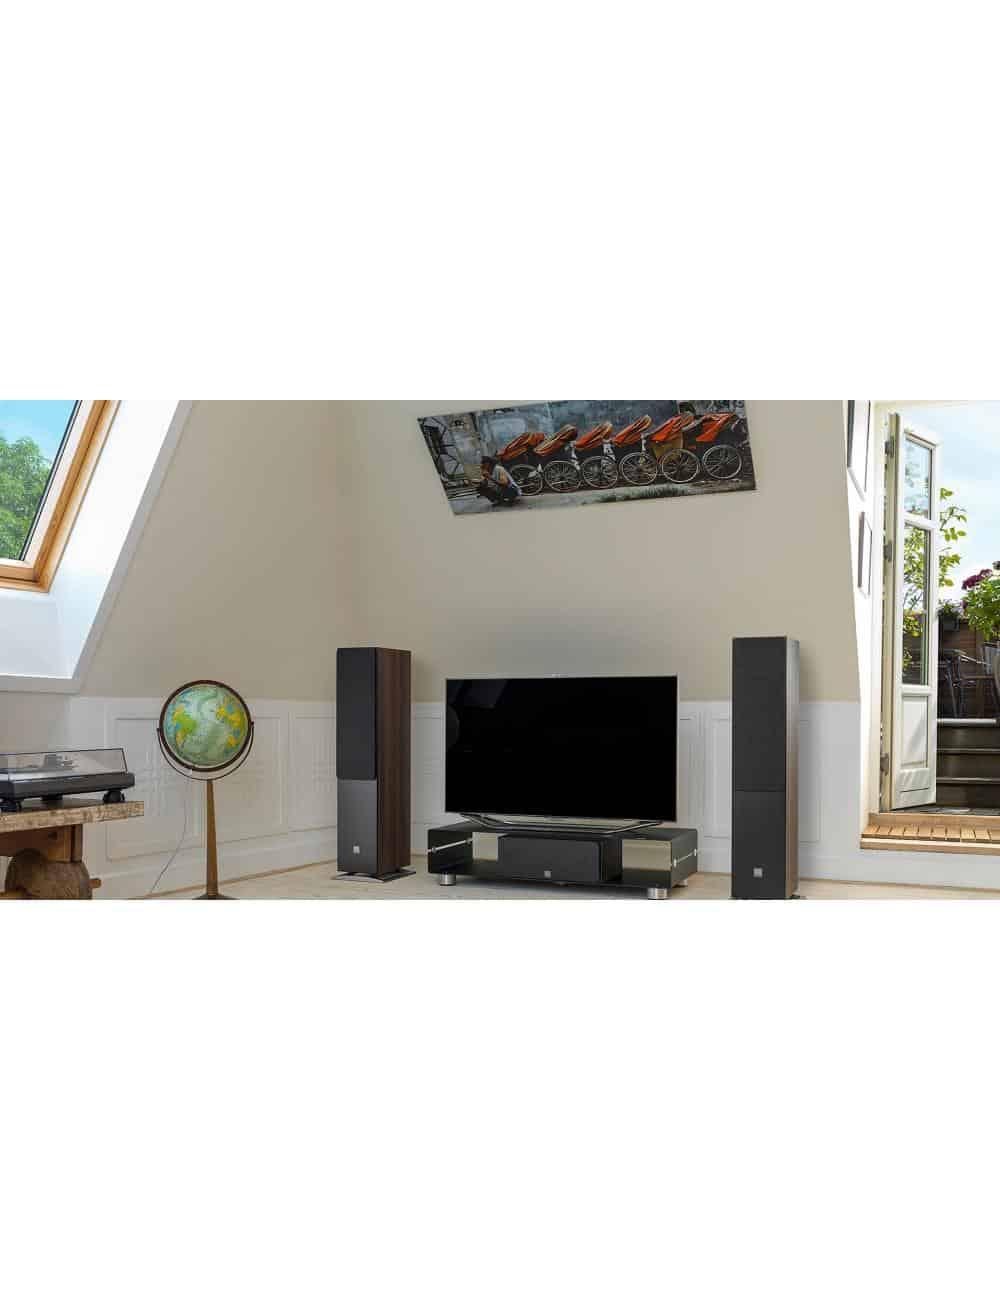 diffusori acustici da pavimento Dali Oberon 7 per HiFi e Home Cinema, finitura walnut in ambiente